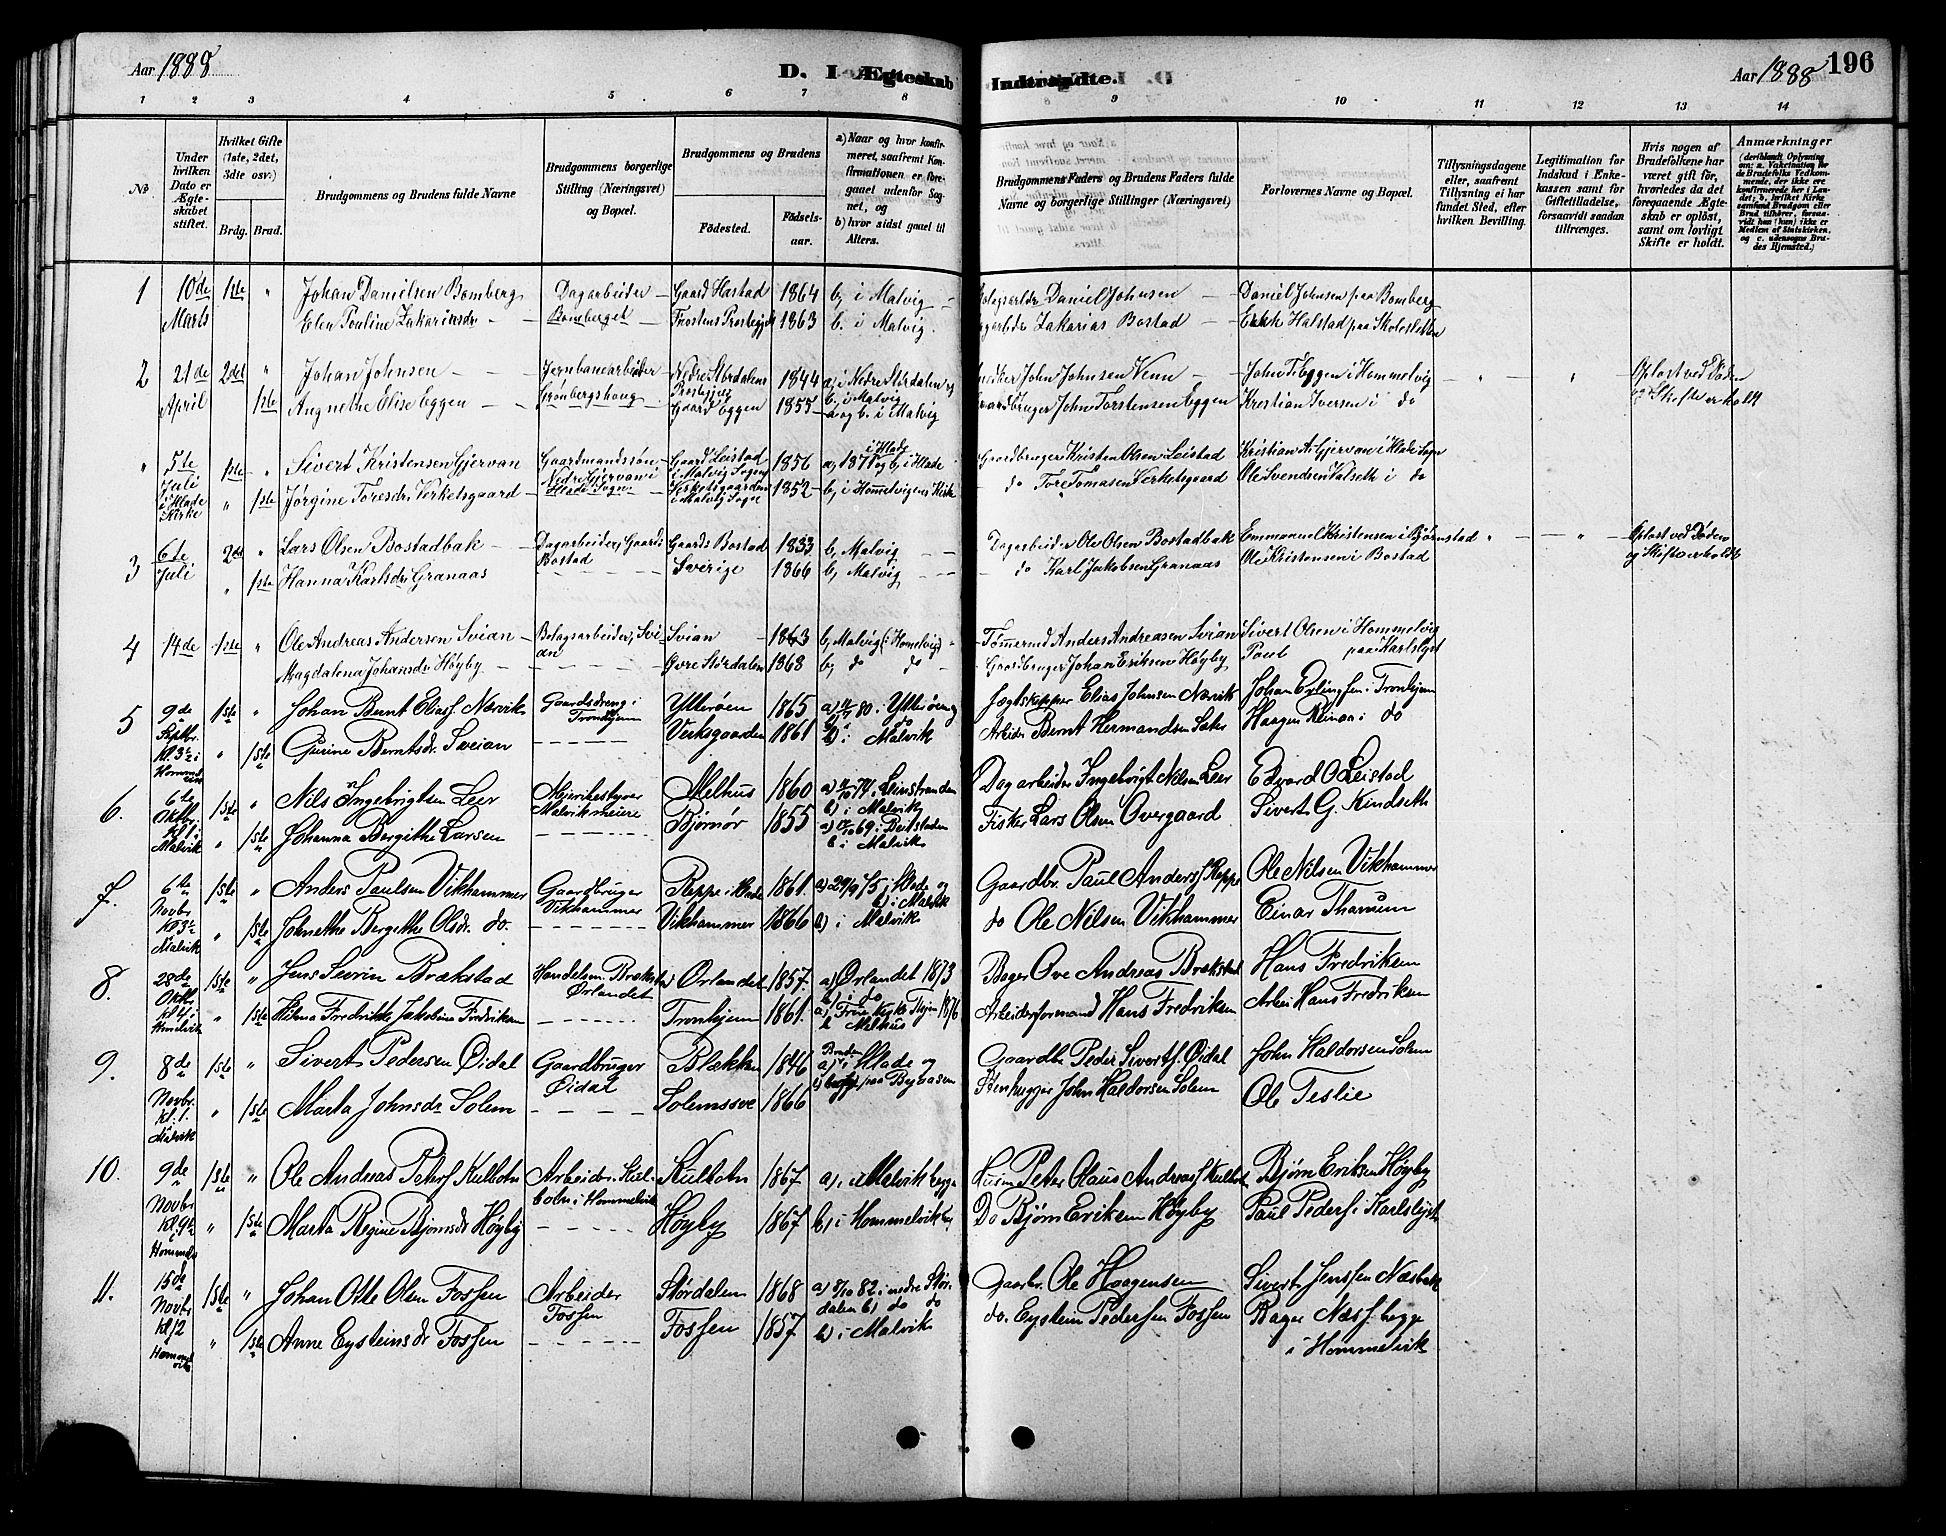 SAT, Ministerialprotokoller, klokkerbøker og fødselsregistre - Sør-Trøndelag, 616/L0423: Klokkerbok nr. 616C06, 1878-1903, s. 196